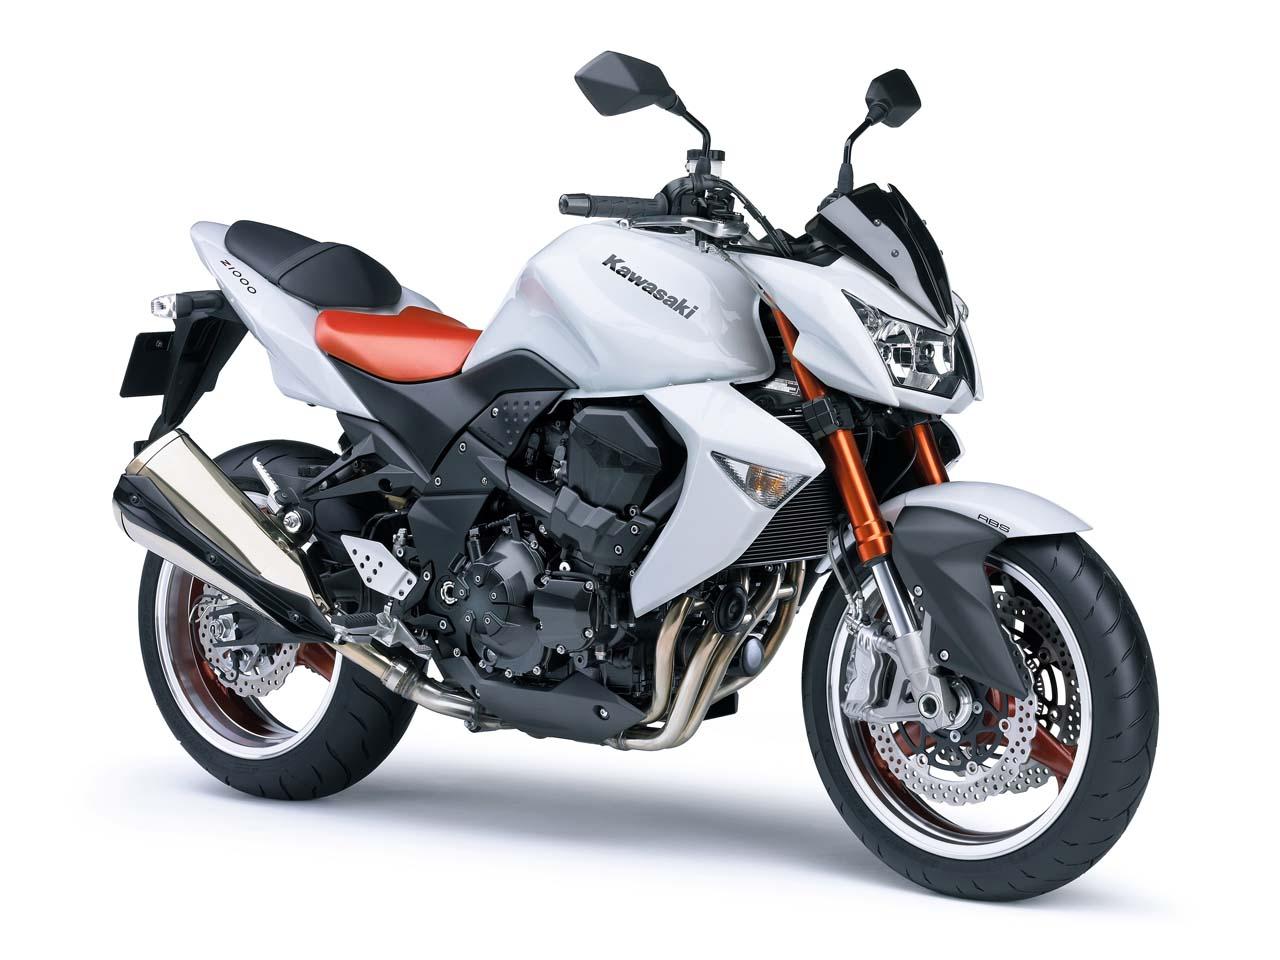 Kawasaki z1000 2008 modern design